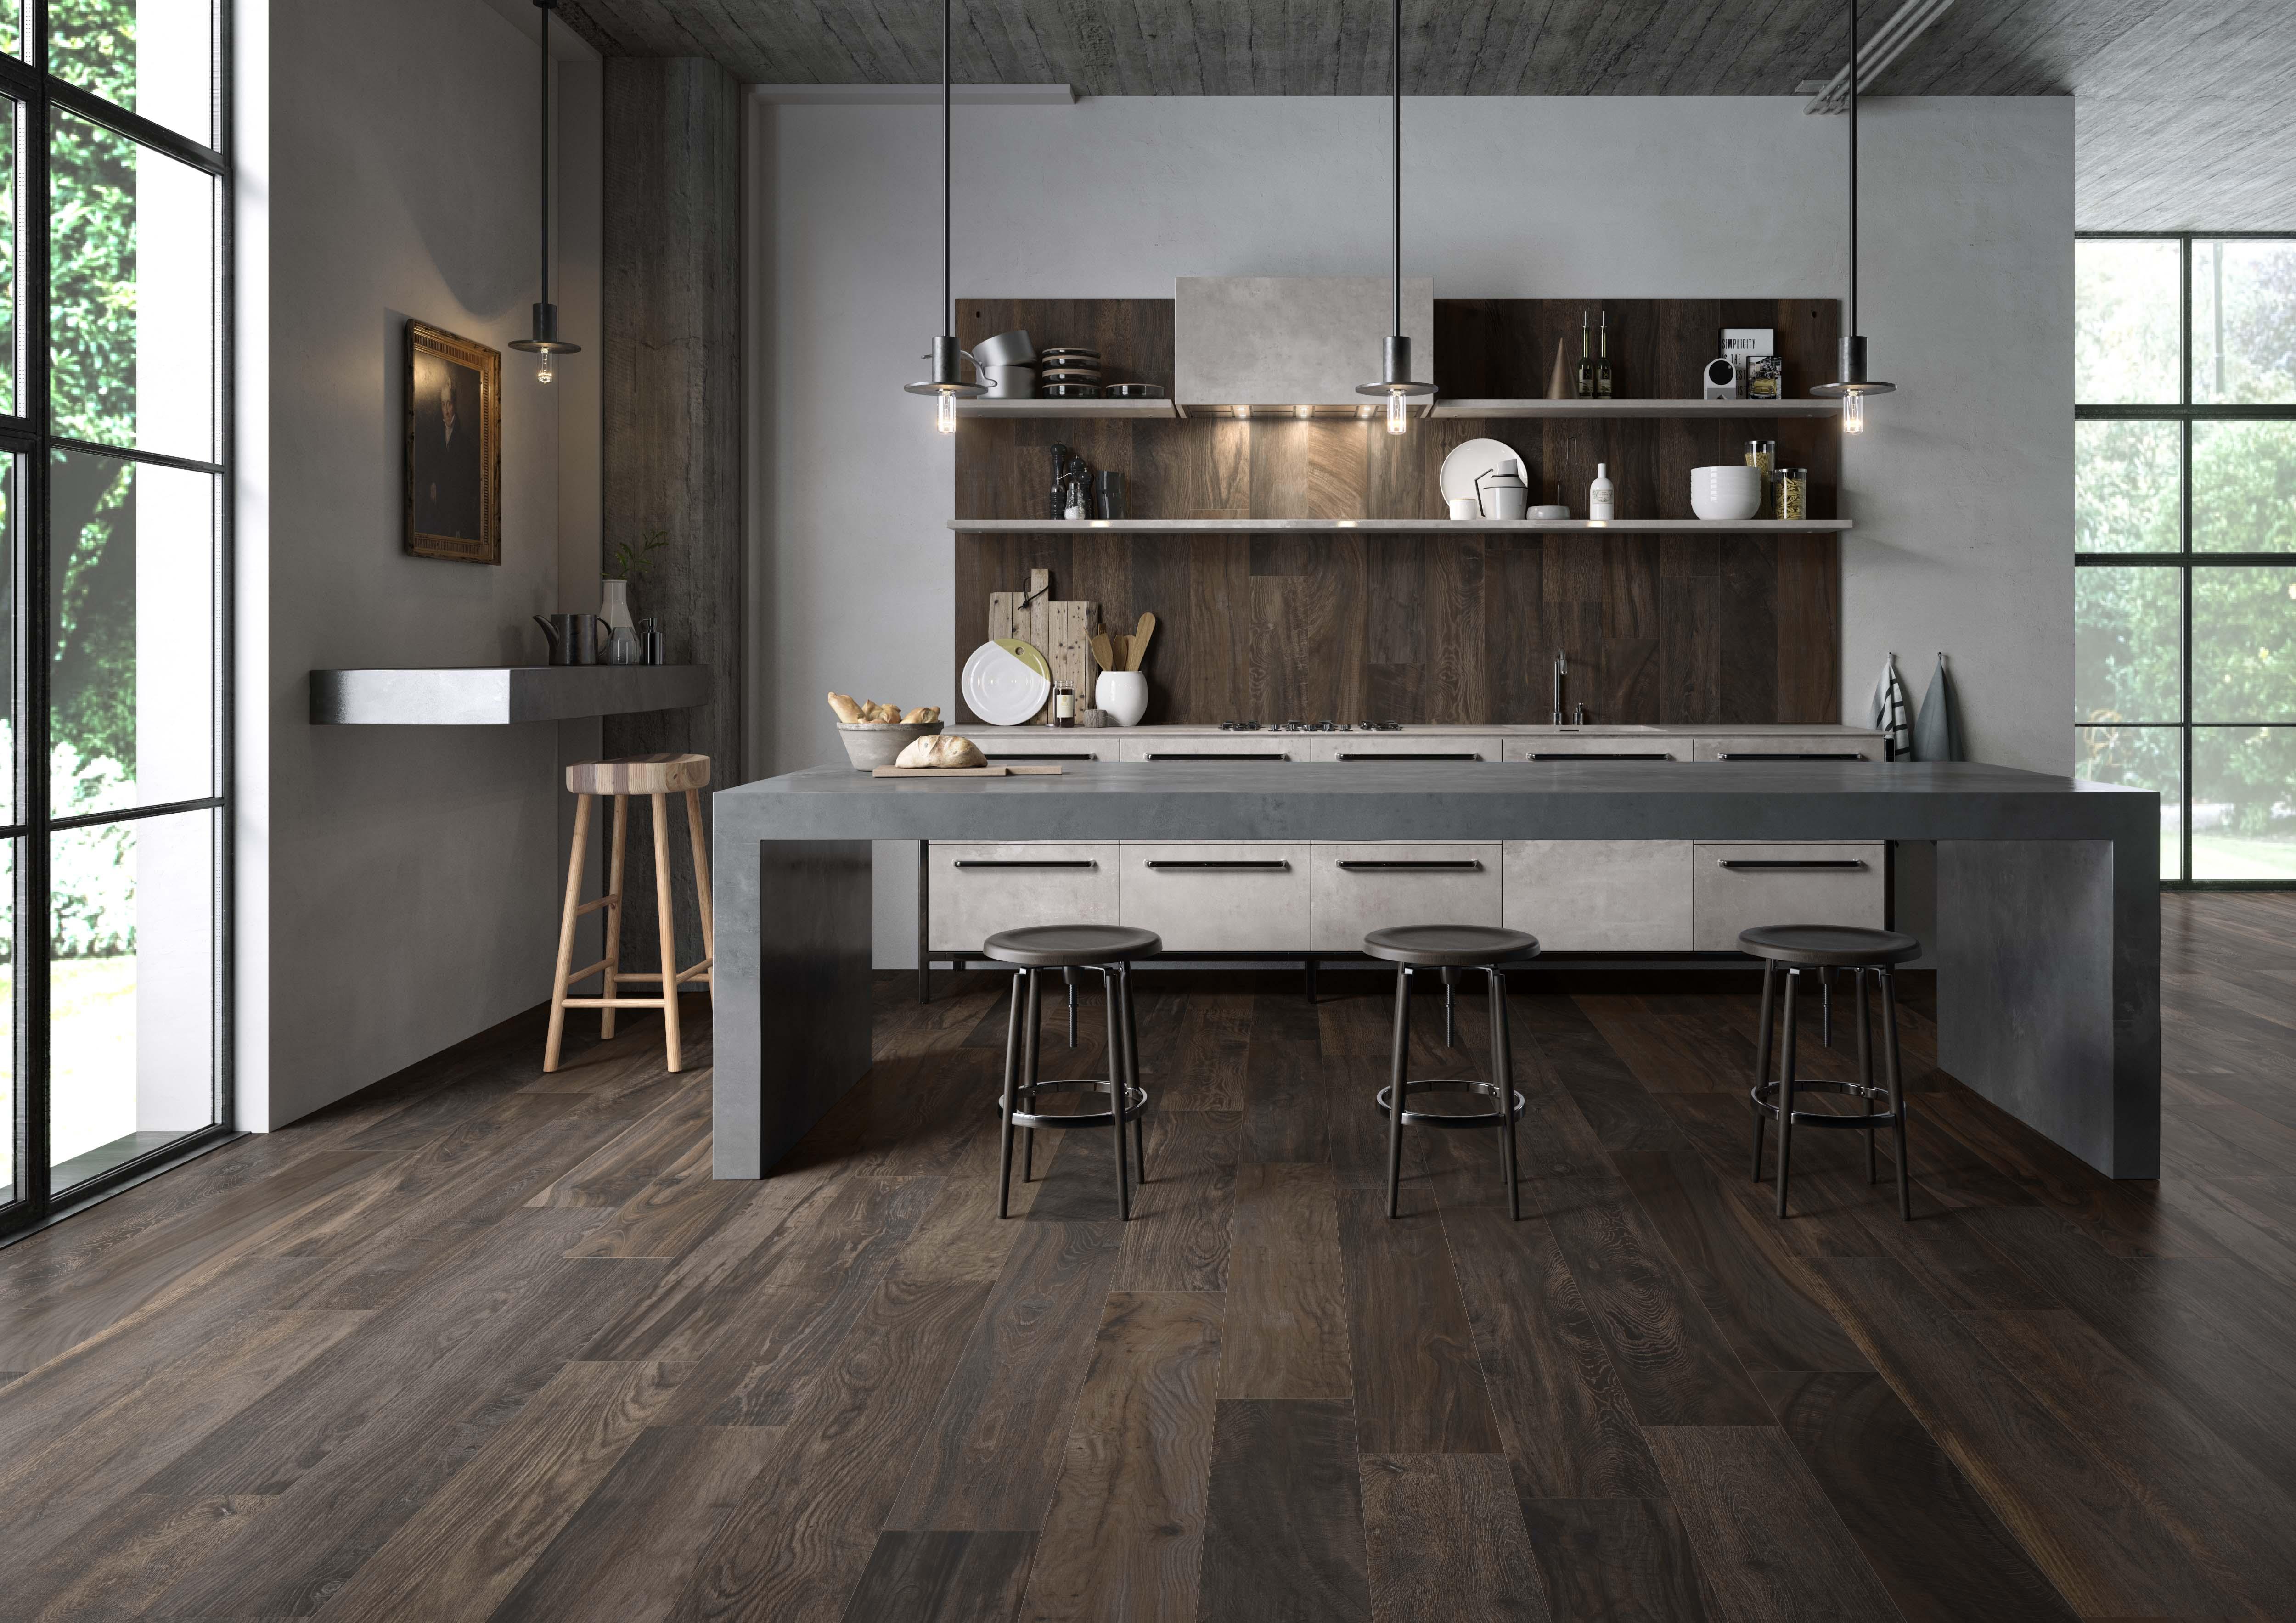 rak ceramics mit neuem showroom und neuer markenidentit t. Black Bedroom Furniture Sets. Home Design Ideas